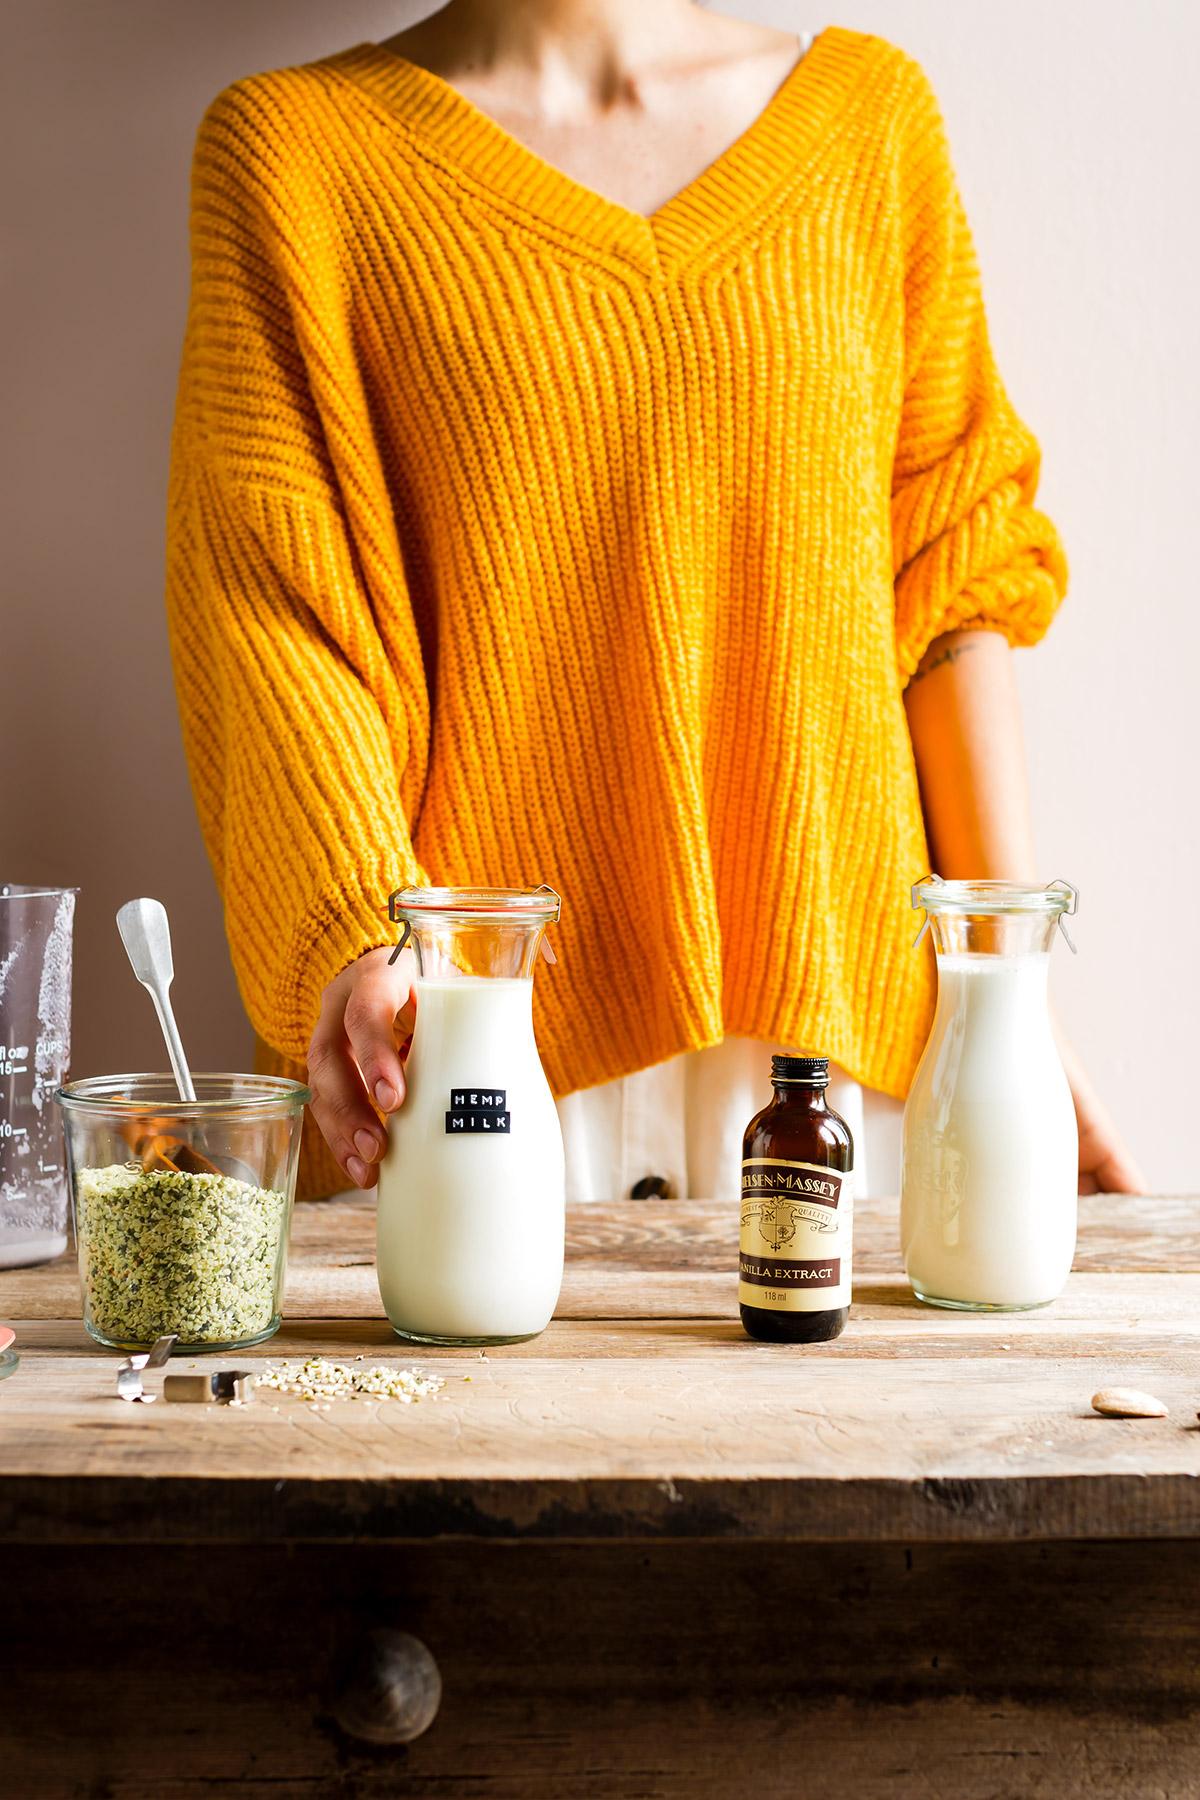 Vegan glutenfree HEMP MILK recipe dairyfree ricetta LATTE DI CANAPA fatto in casa 2 ingredienti pronto in 3 minuti cremoso leggero ricco di proteine senza glutine senza lattosio